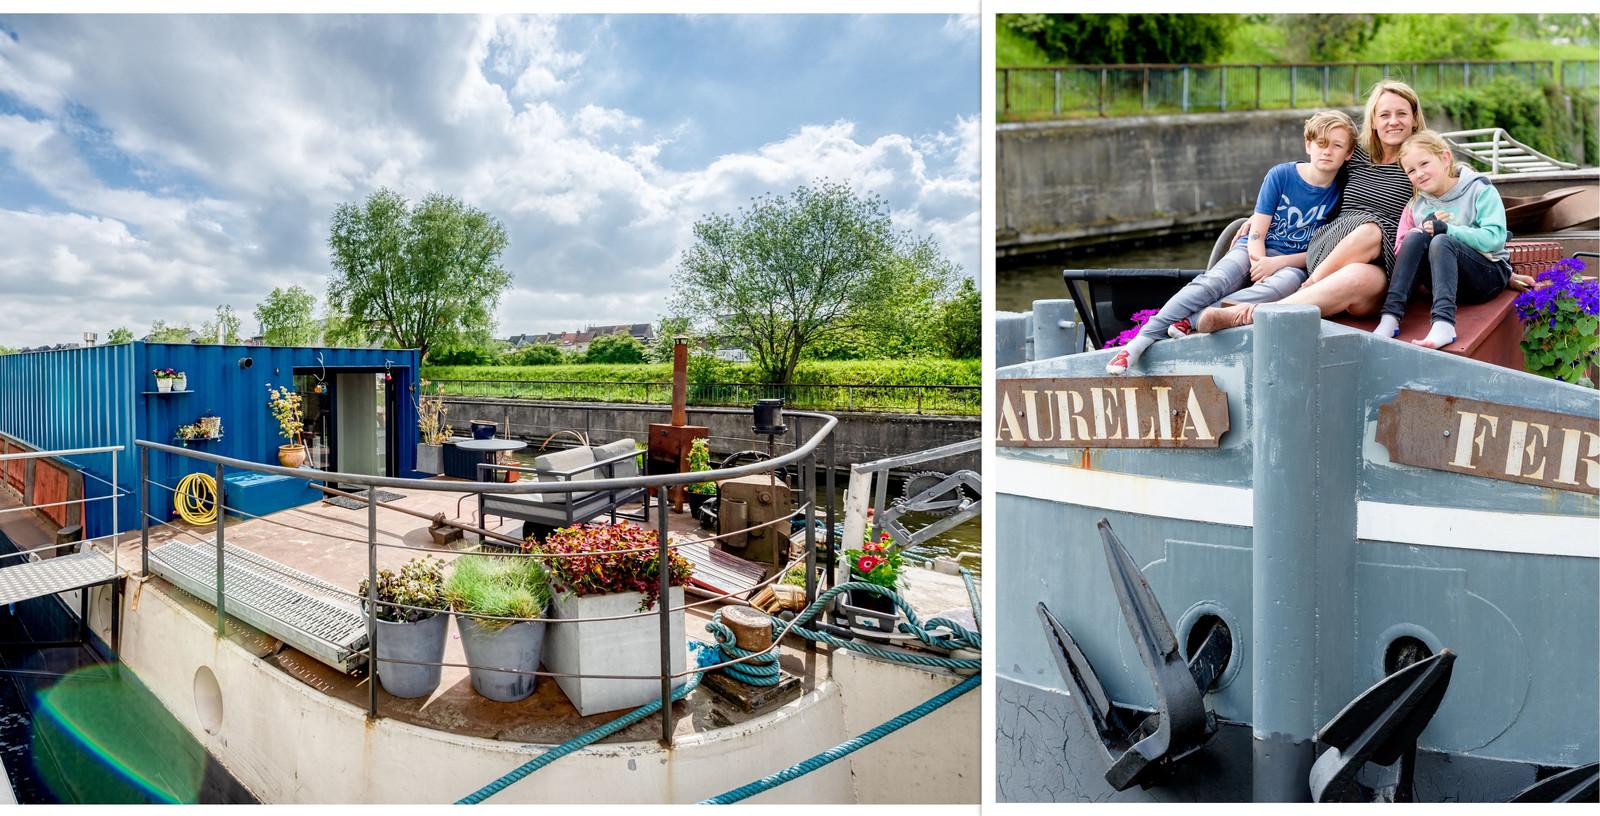 De woonboot, die vlak bij de Gentse Dampoort ligt, was vroeger een vrachtschip.